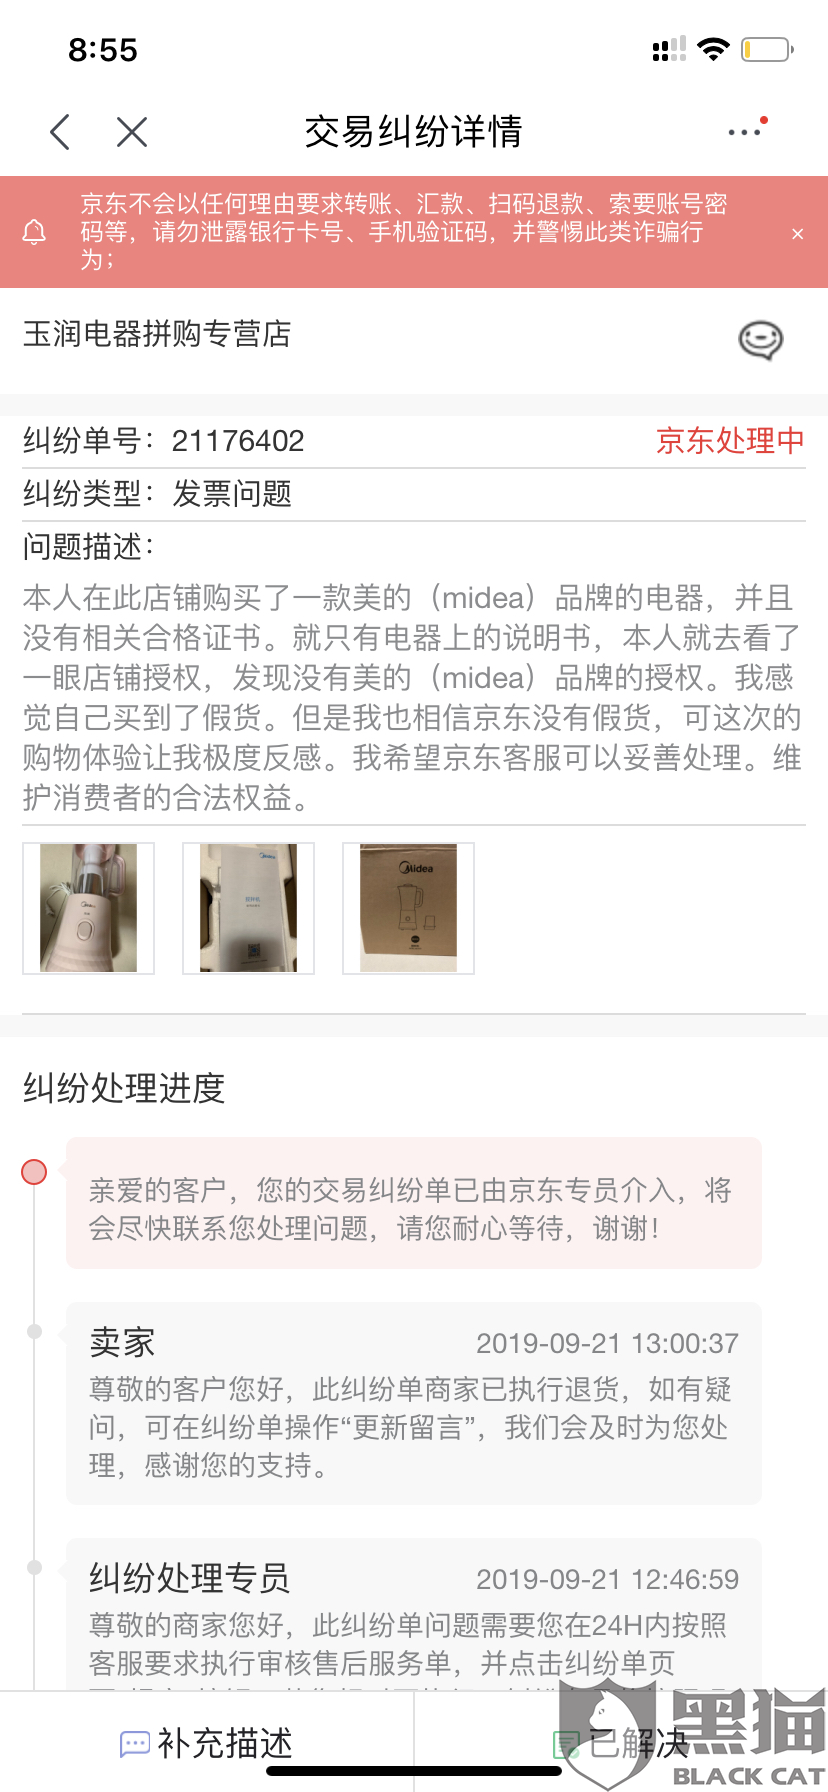 黑猫投诉:玉润电器拼购专营店